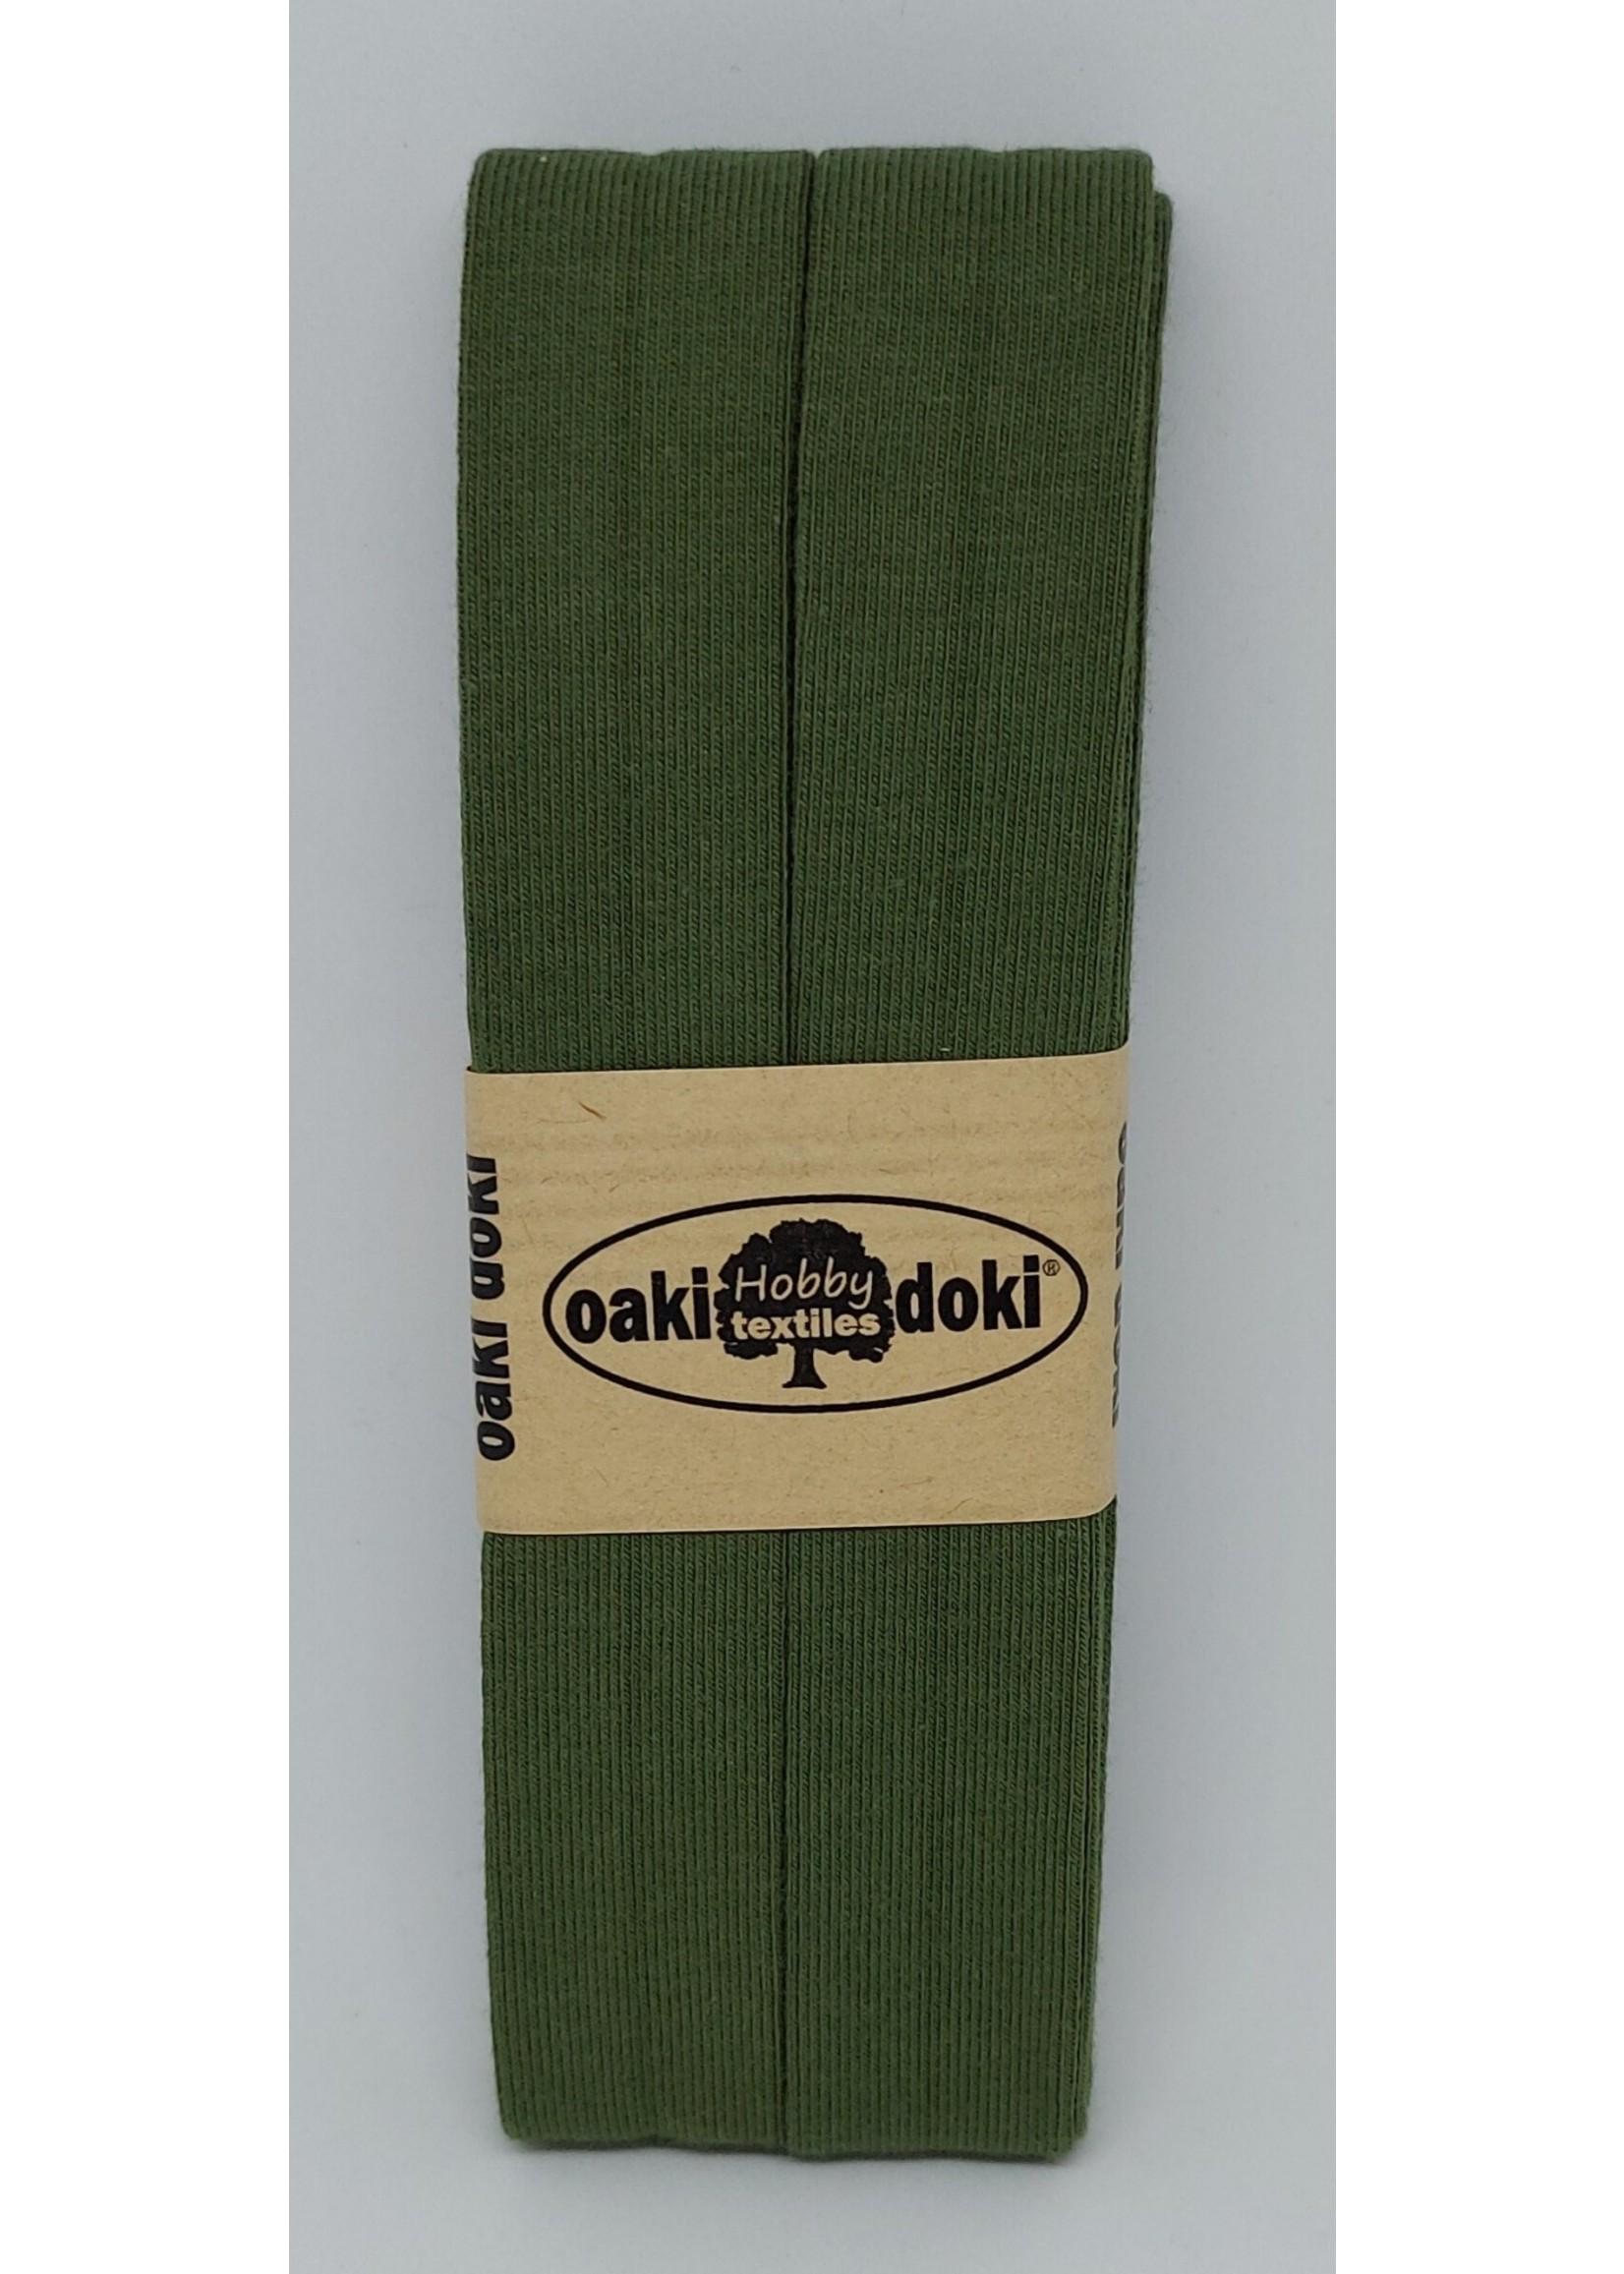 Oaki Doki Tricot de luxe 425